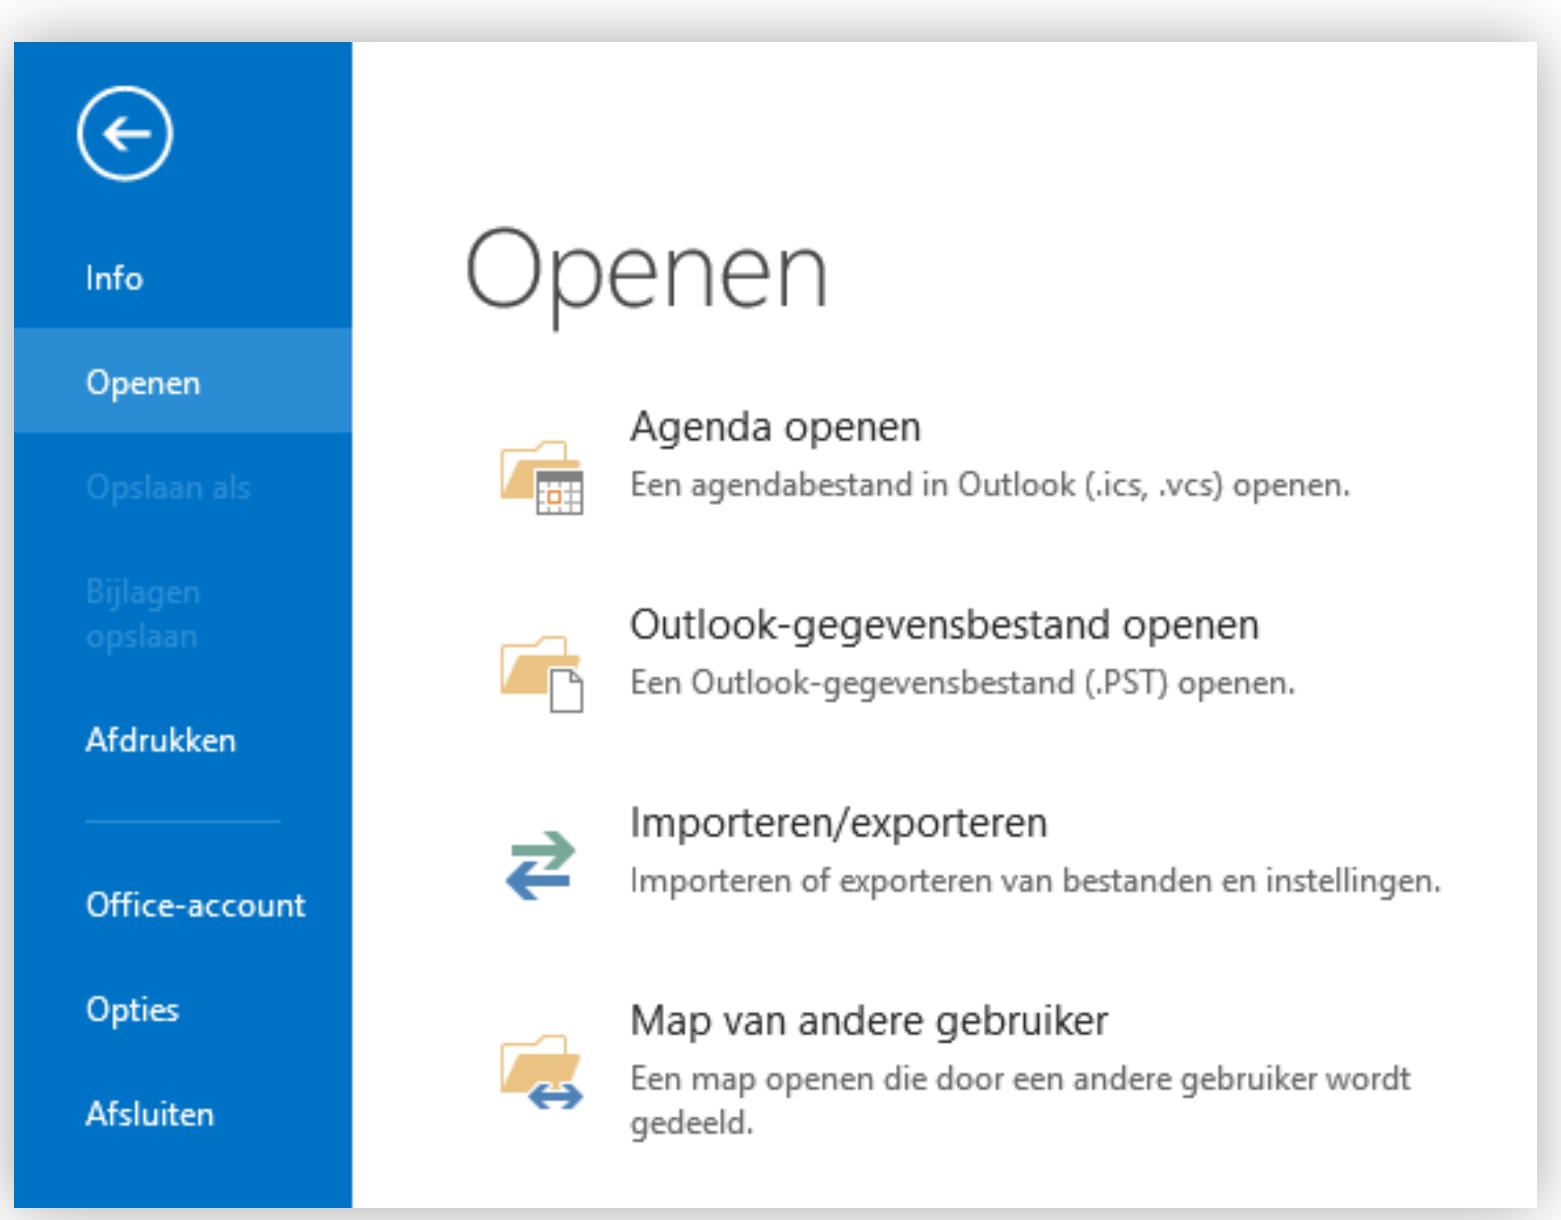 Open > Importeren/exporteren